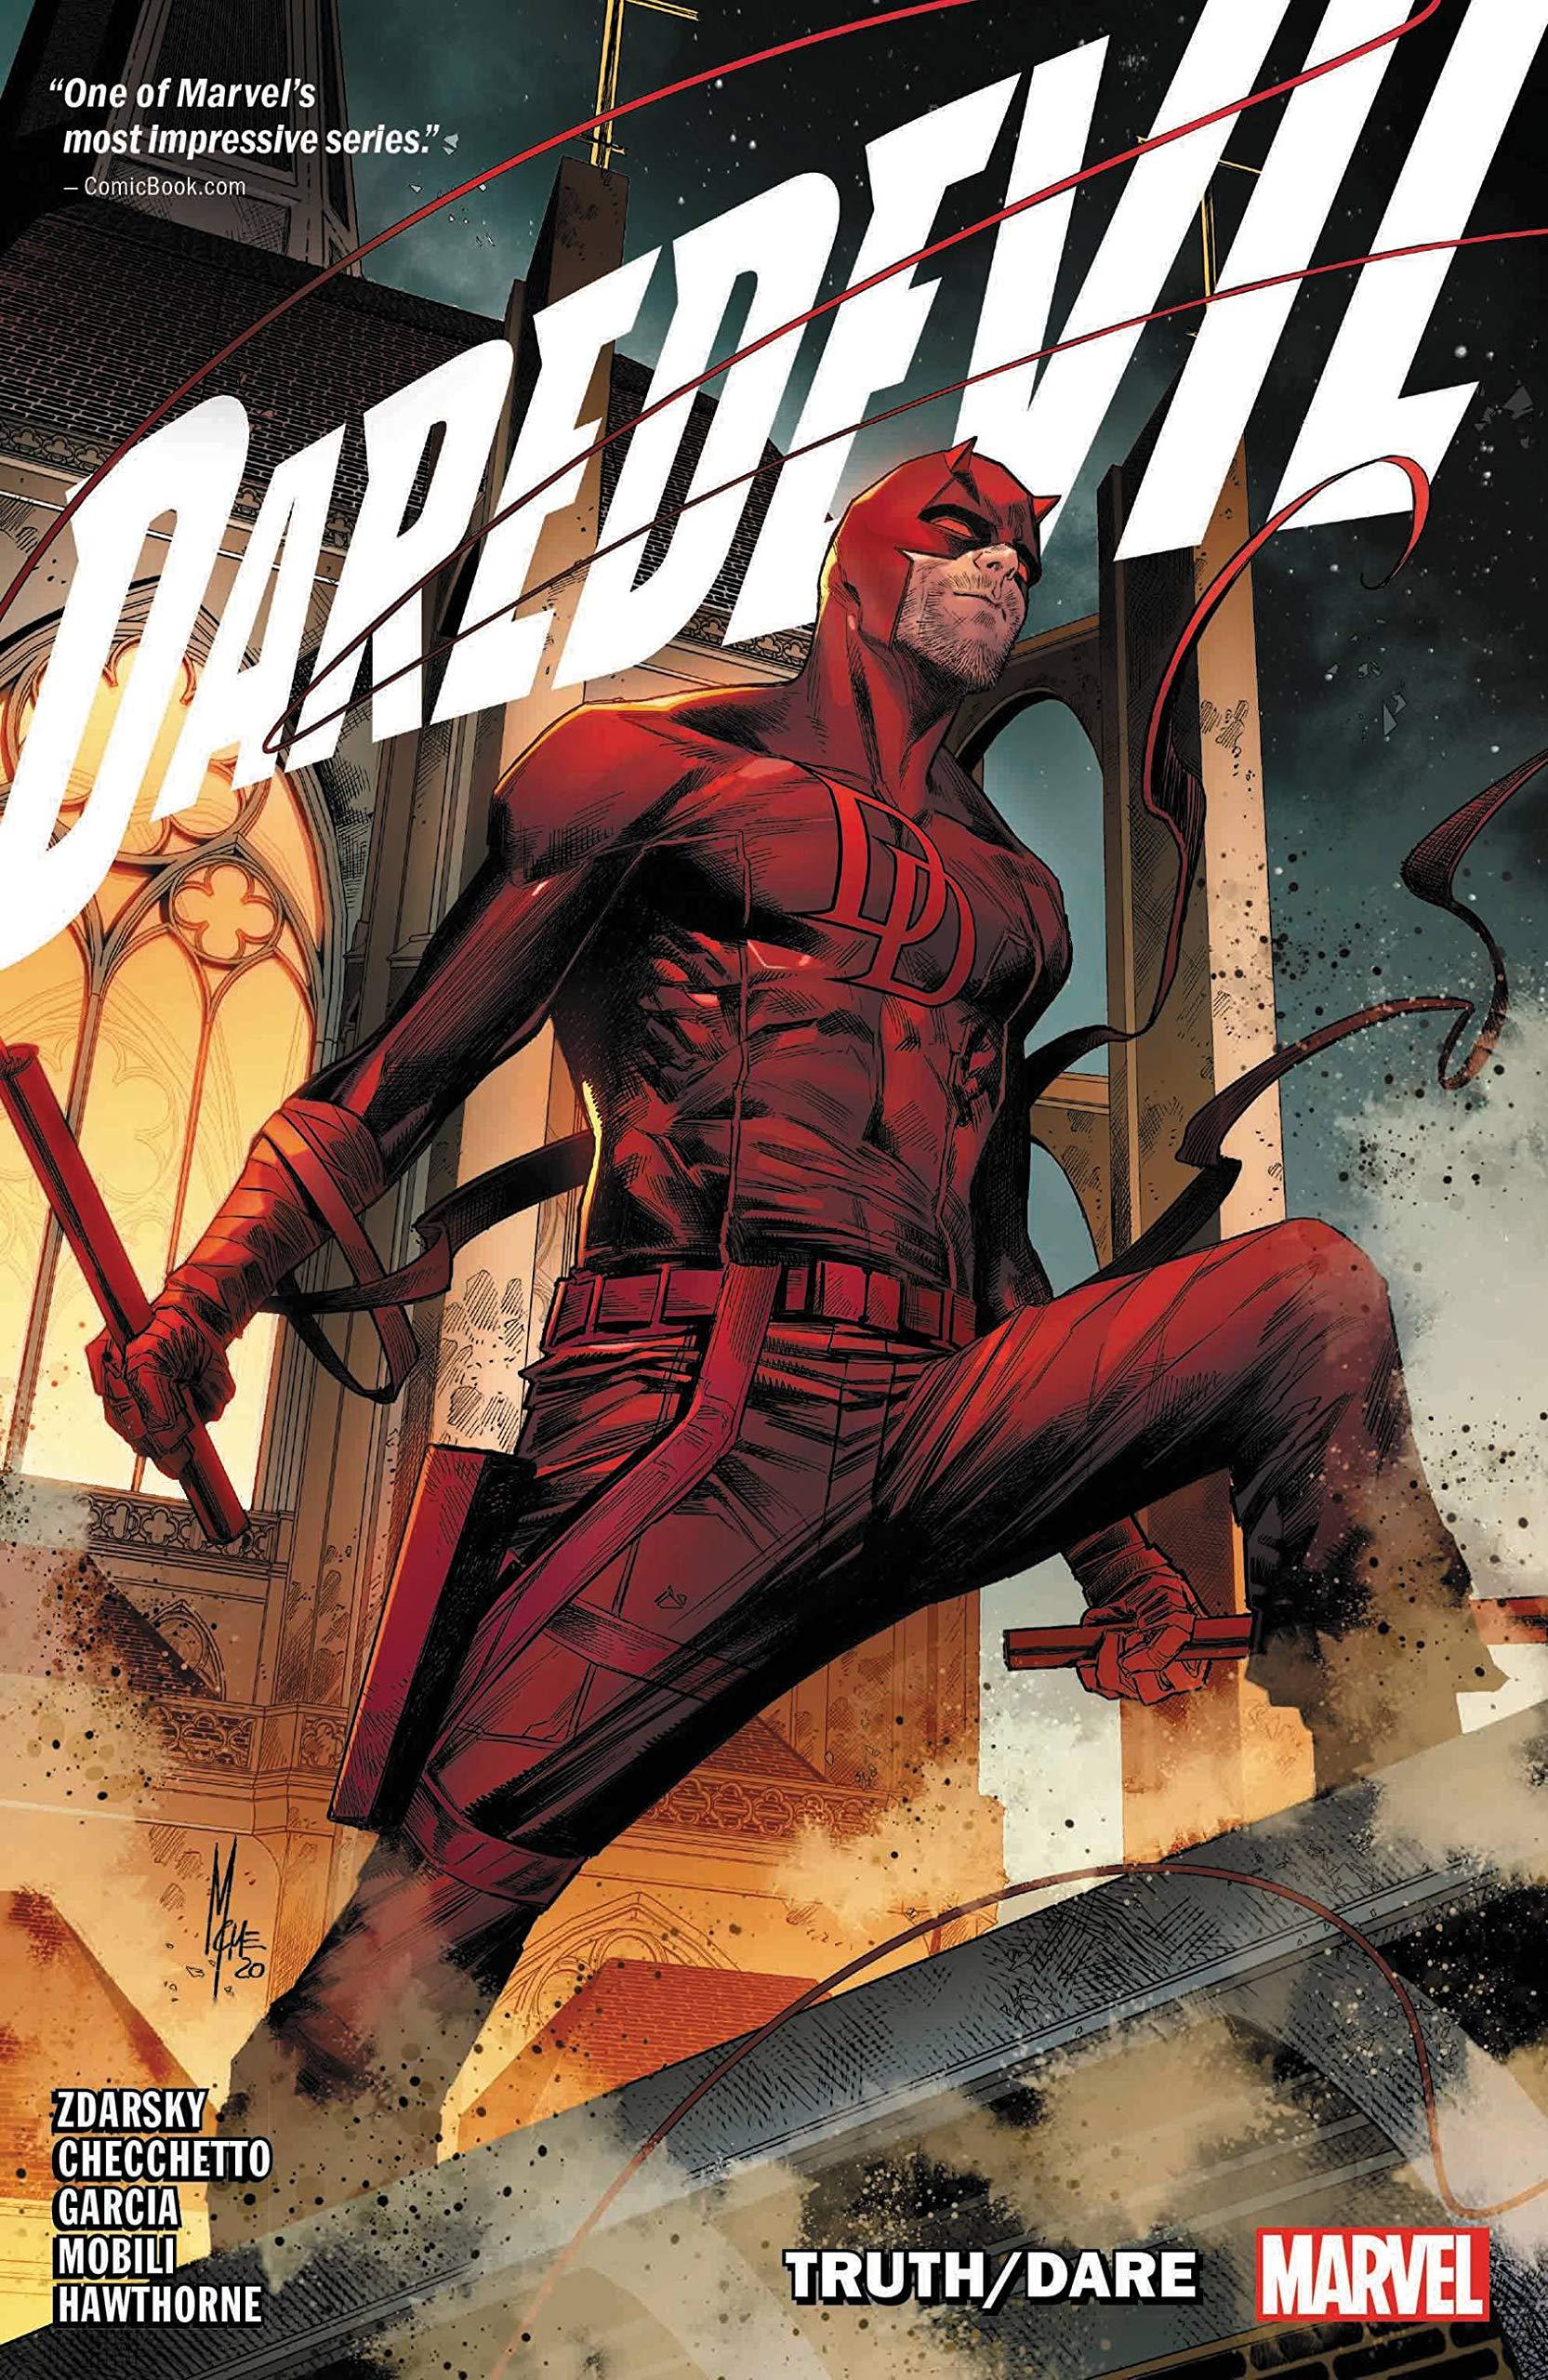 Daredevil by Chip Zdarsky, Vol. 5: Truth/Dare